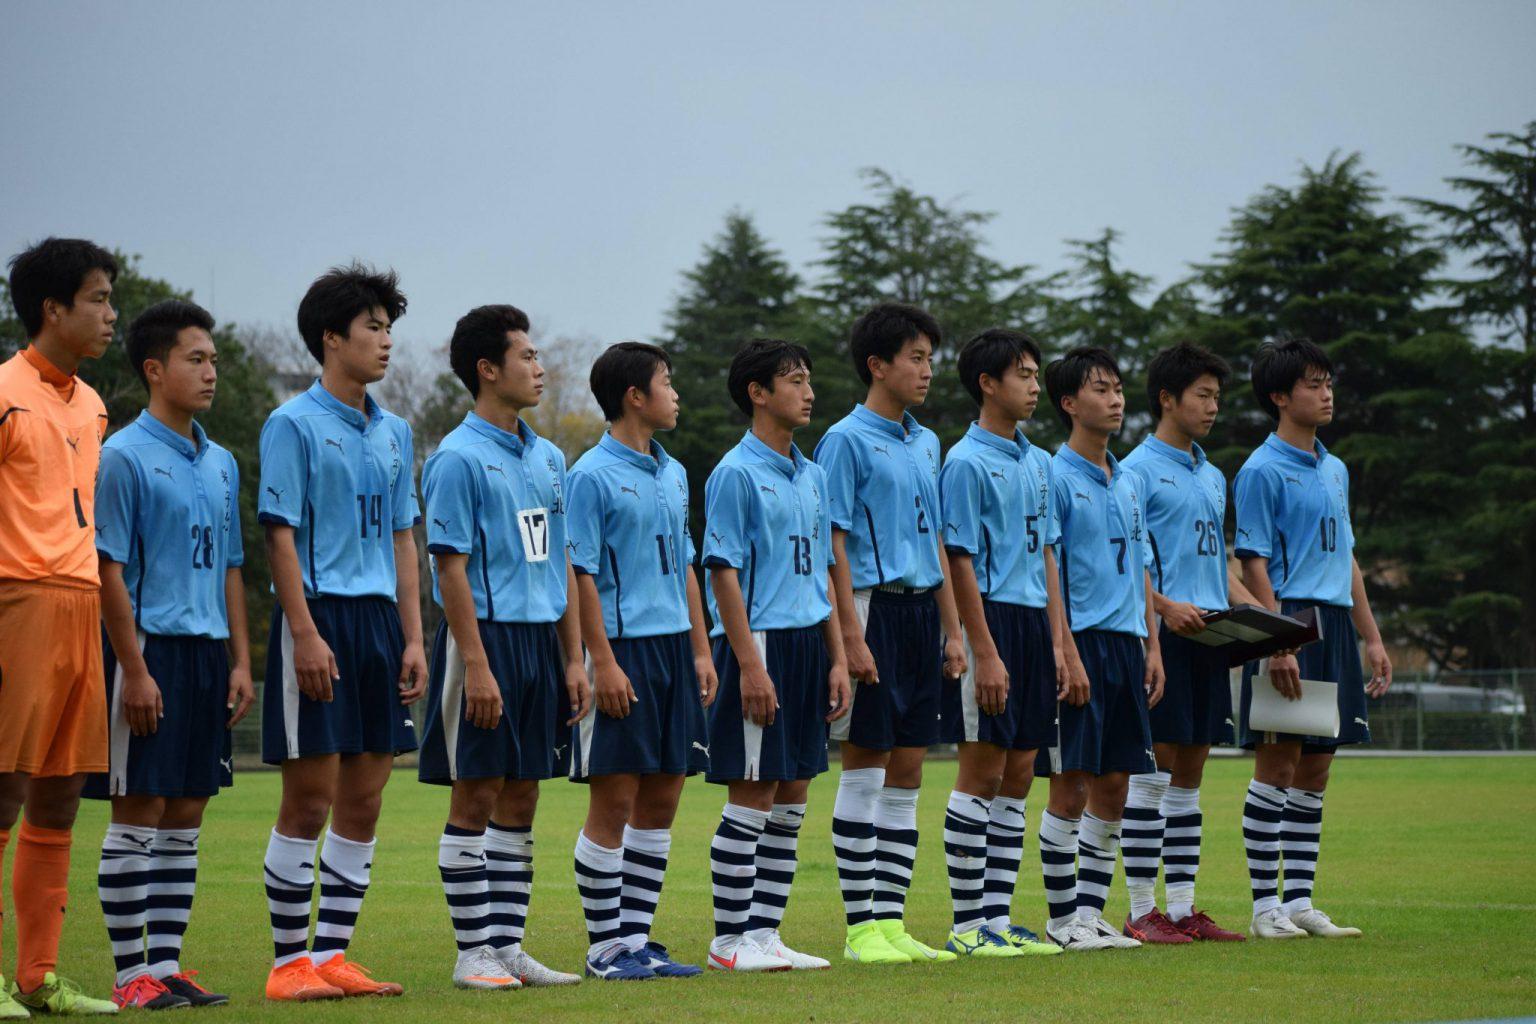 サッカー:新人戦決勝11/22・米子東戦 試合結果